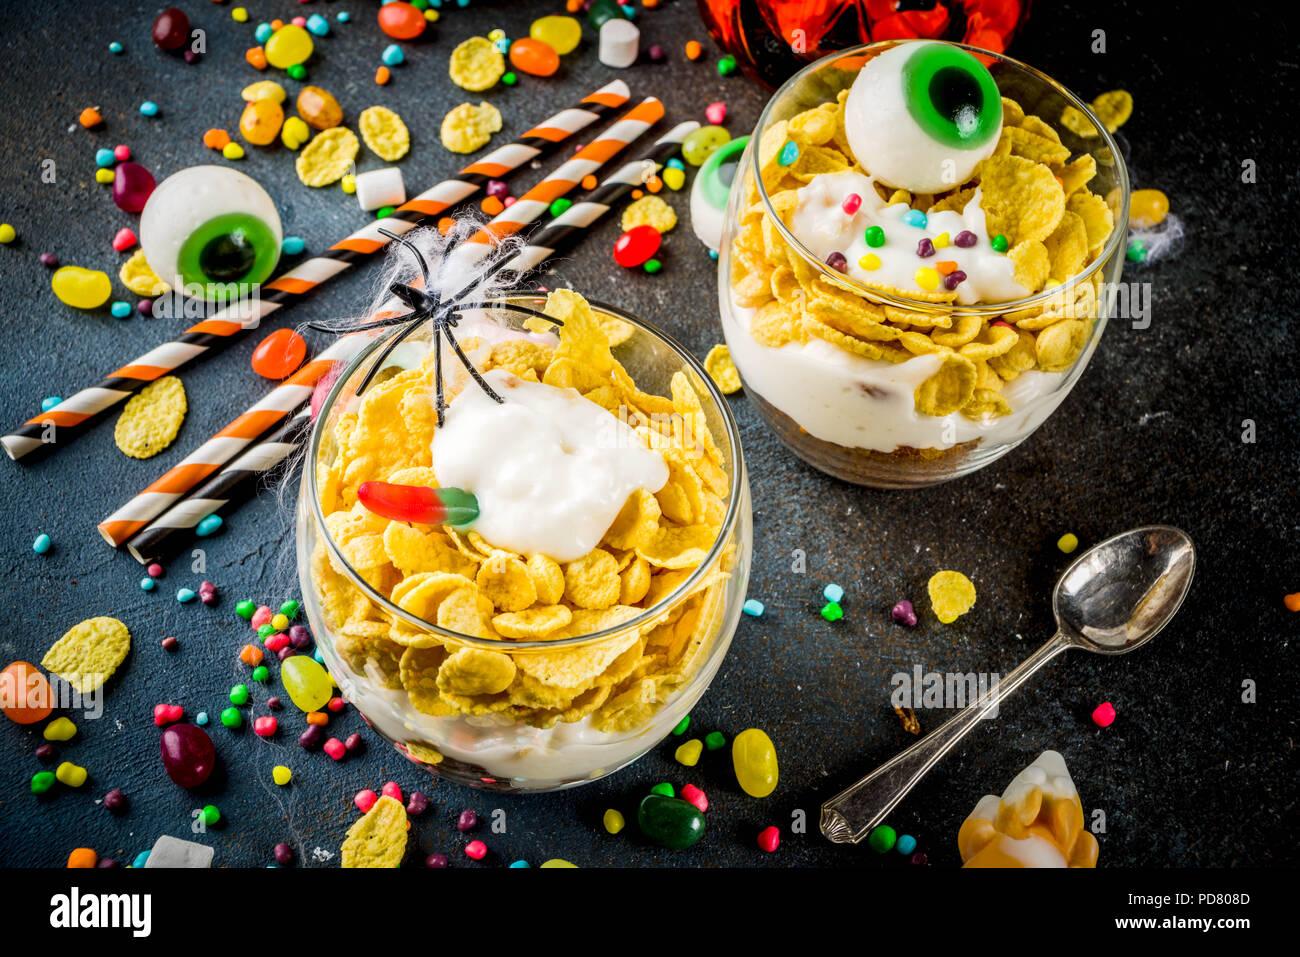 halloween food ideas stock photos & halloween food ideas stock